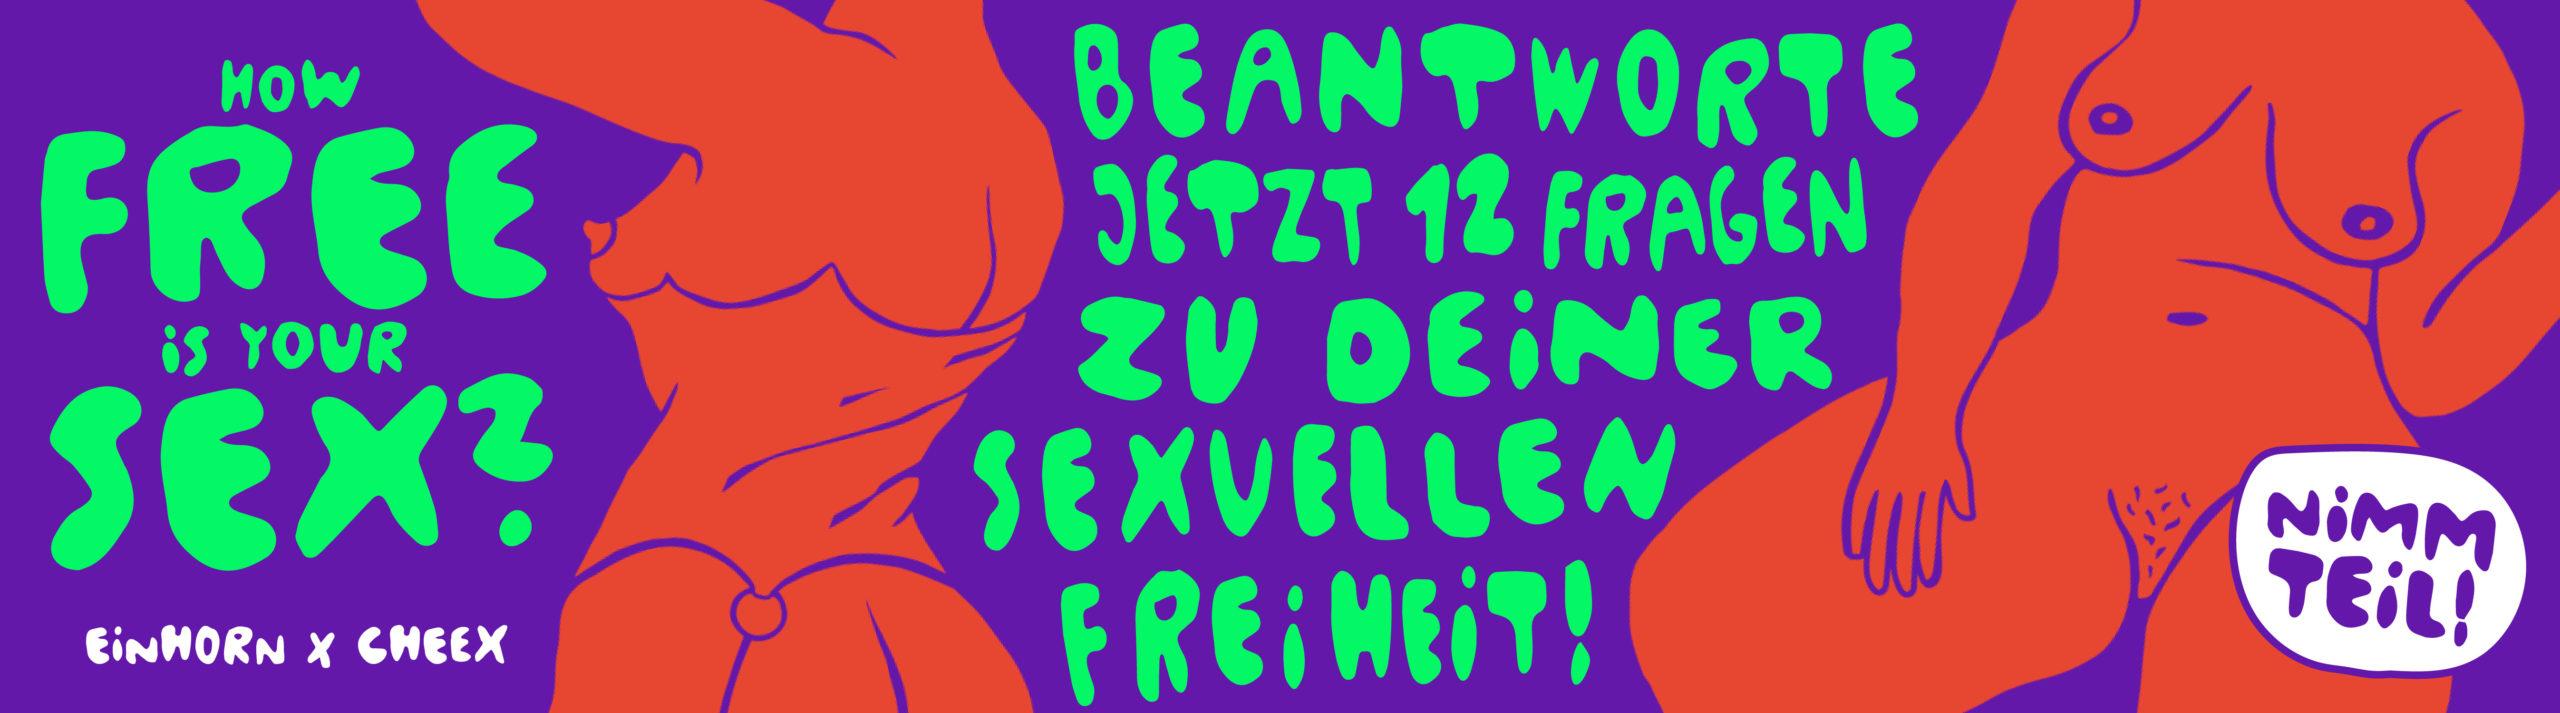 How free is your sex Umfrage Banner einhorn mit gezeichneten nackten Körpern